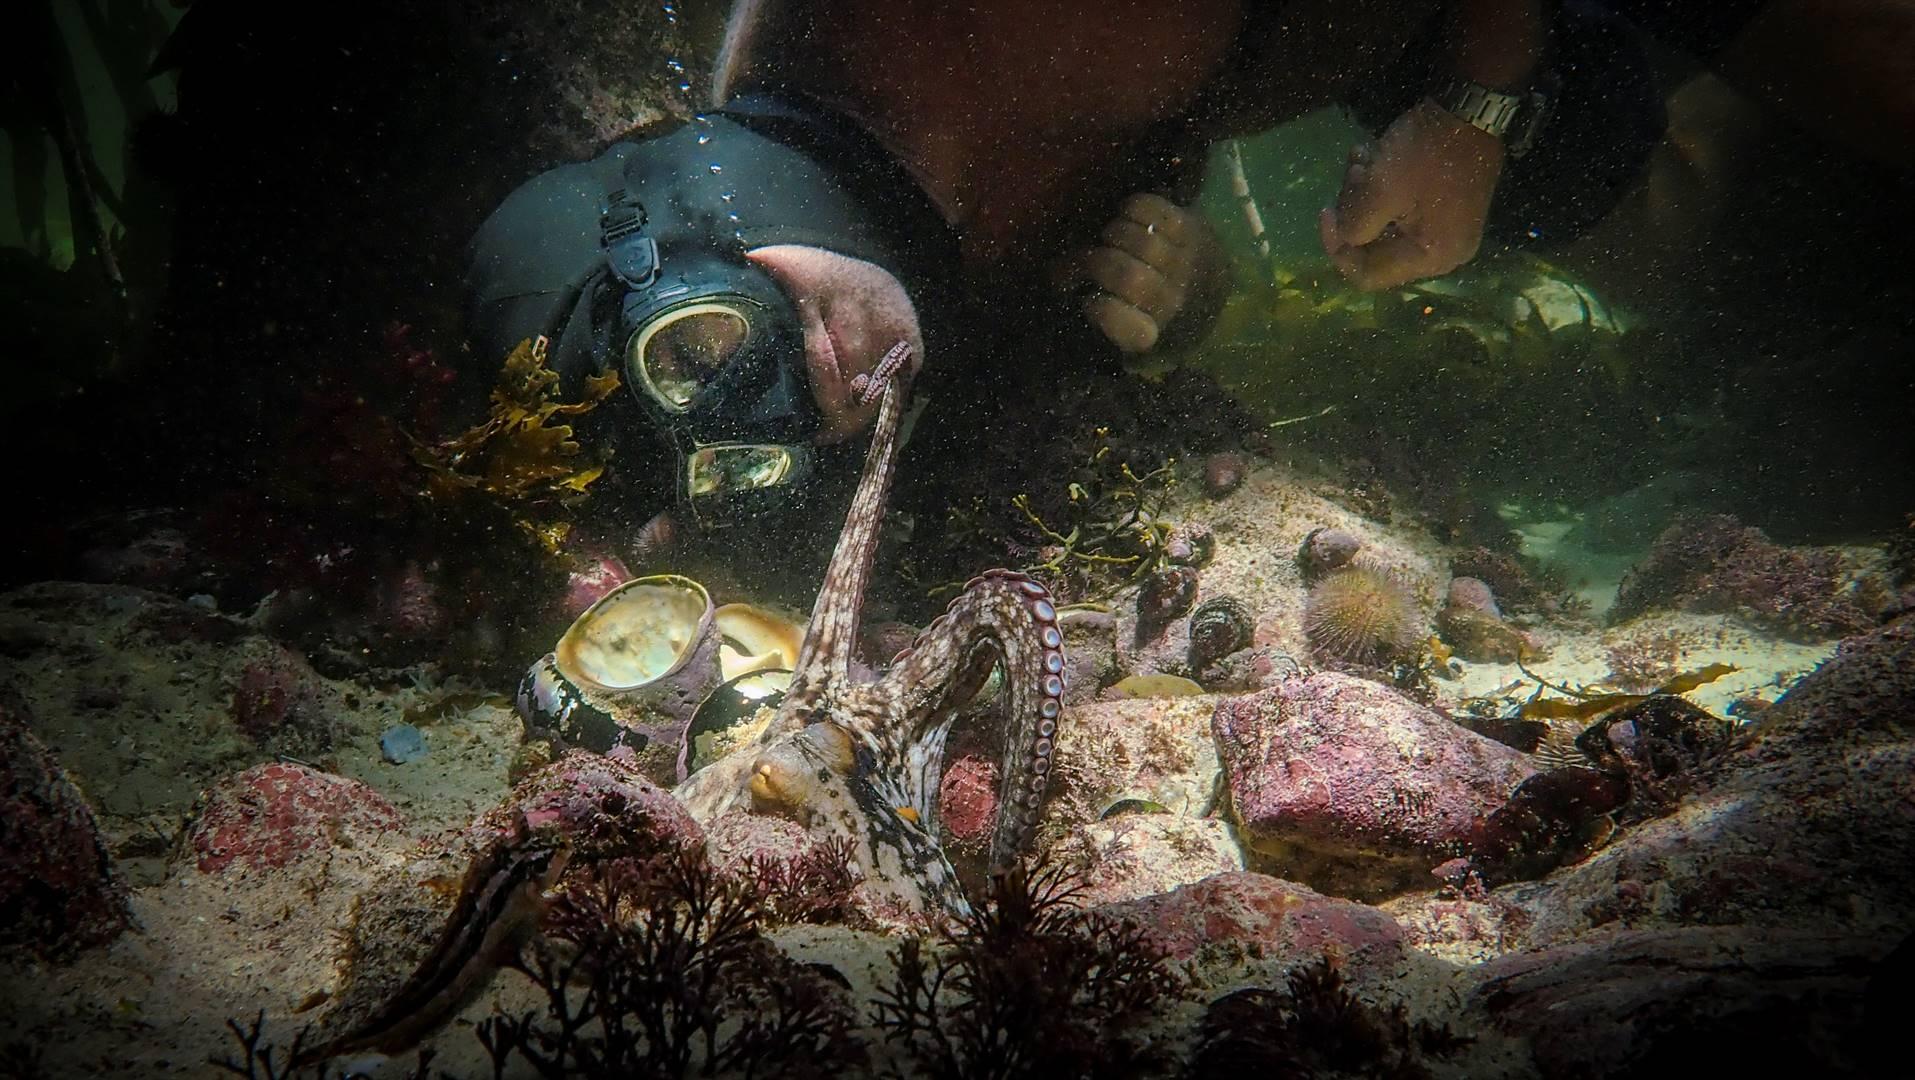 Die seekat steek een van sy pote uit na Craig Foster, vervaardiger van die dokumentêr 'My Octopus Teacher'. Foto: Netflix